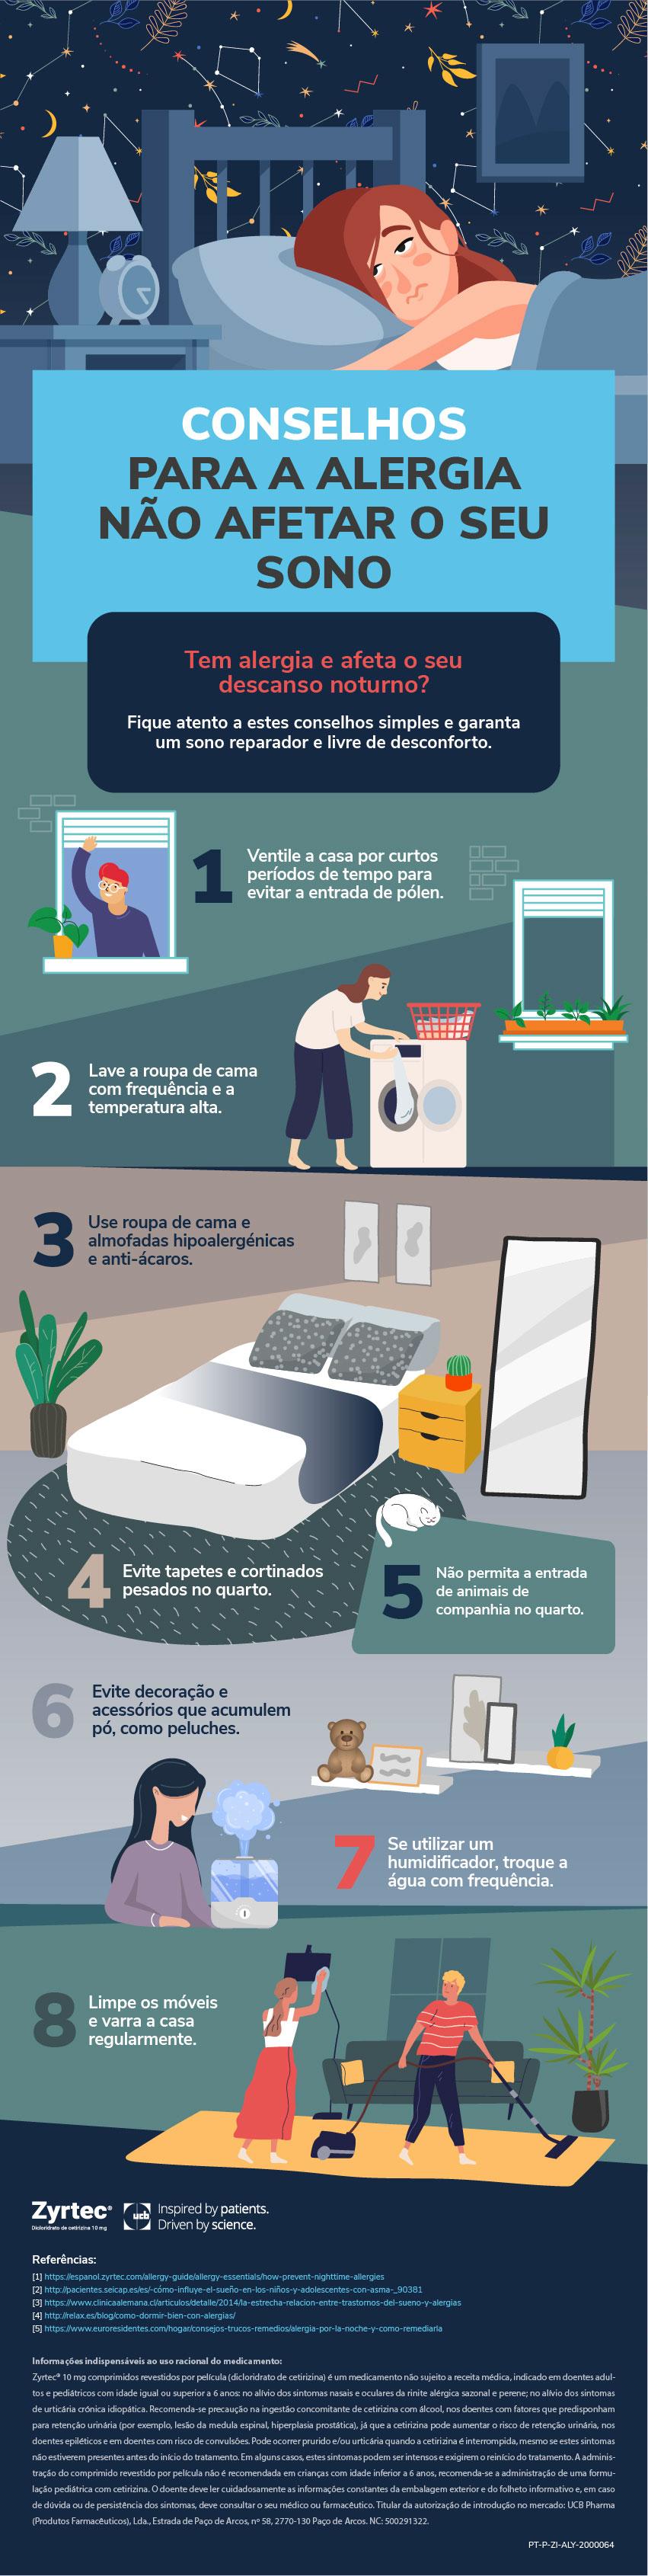 Infografia Conselhos para a alergia não afetar o seu sono